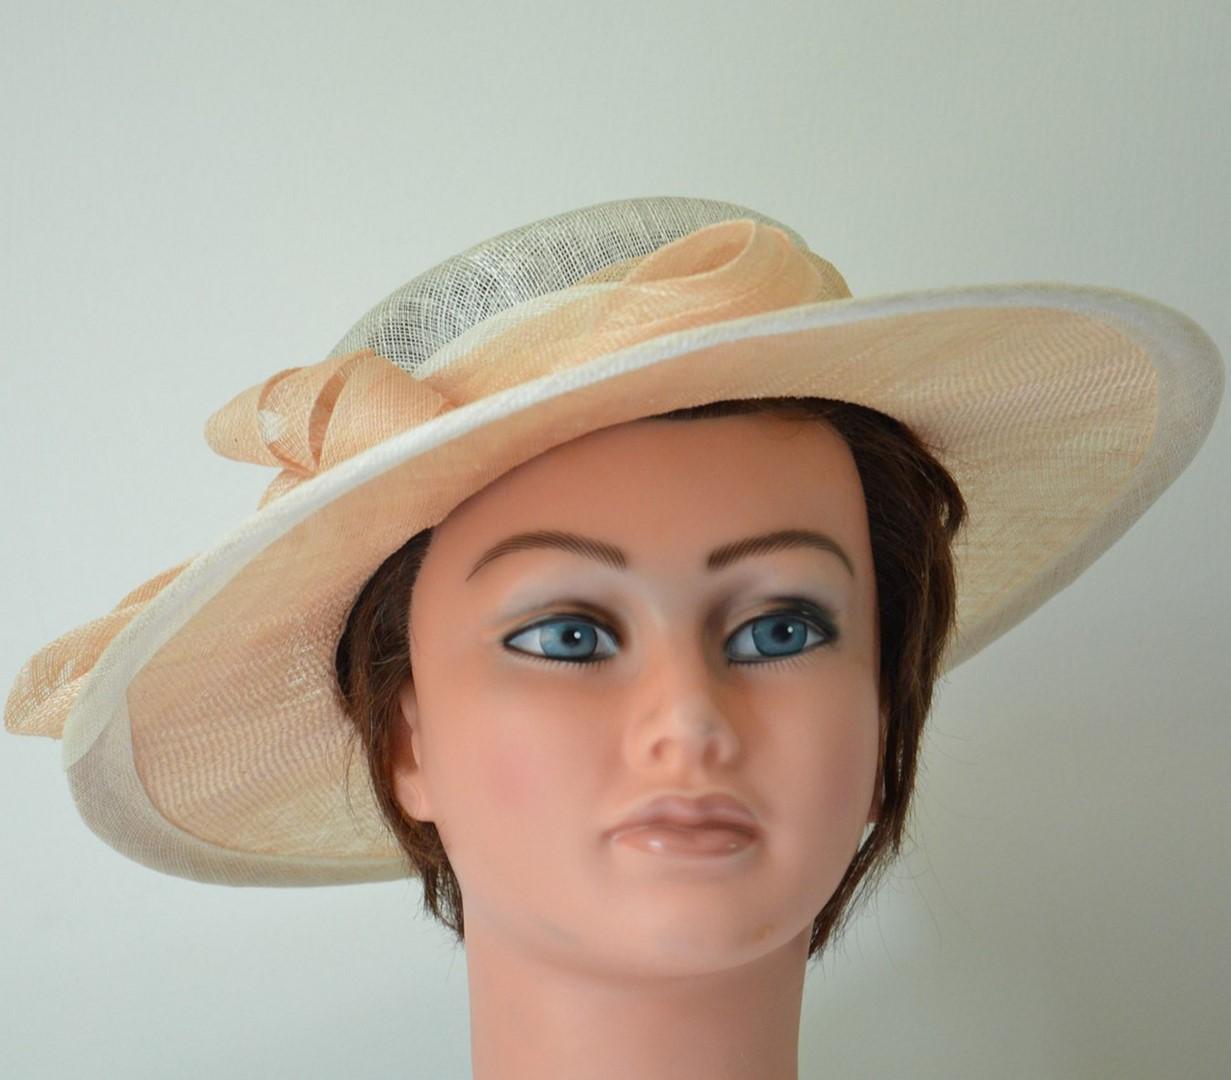 coiffes mariage c r monie pour femme chapeaux el gants. Black Bedroom Furniture Sets. Home Design Ideas